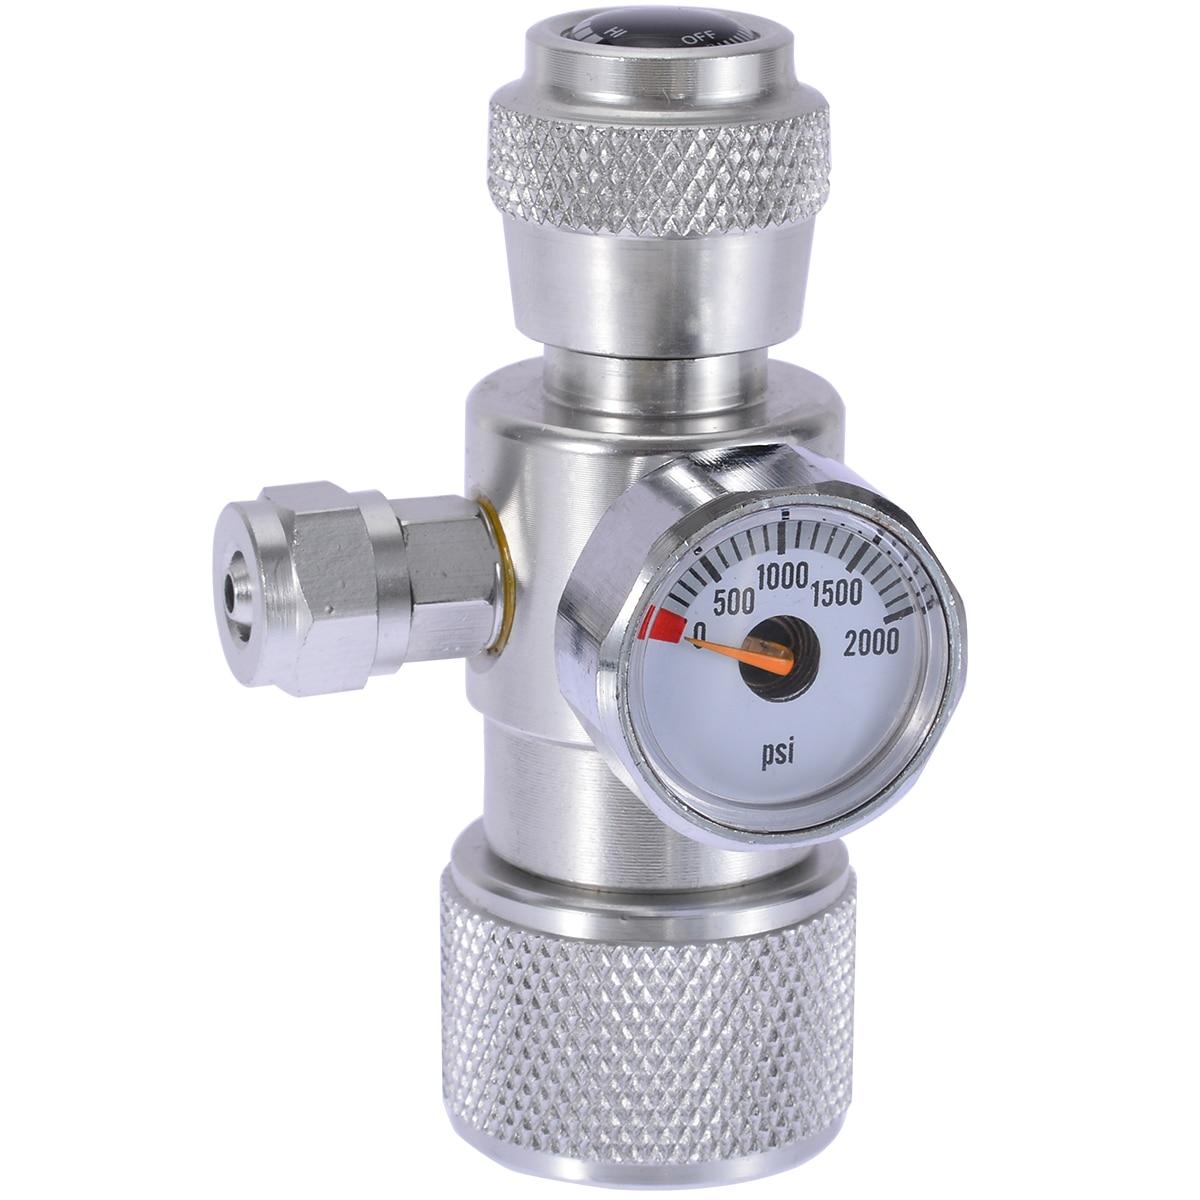 Мономанометр из алюминиевого сплава CO2, аквариумный мох для растений и рыб, регулятор давления, оборудование, аксессуары для аквариума